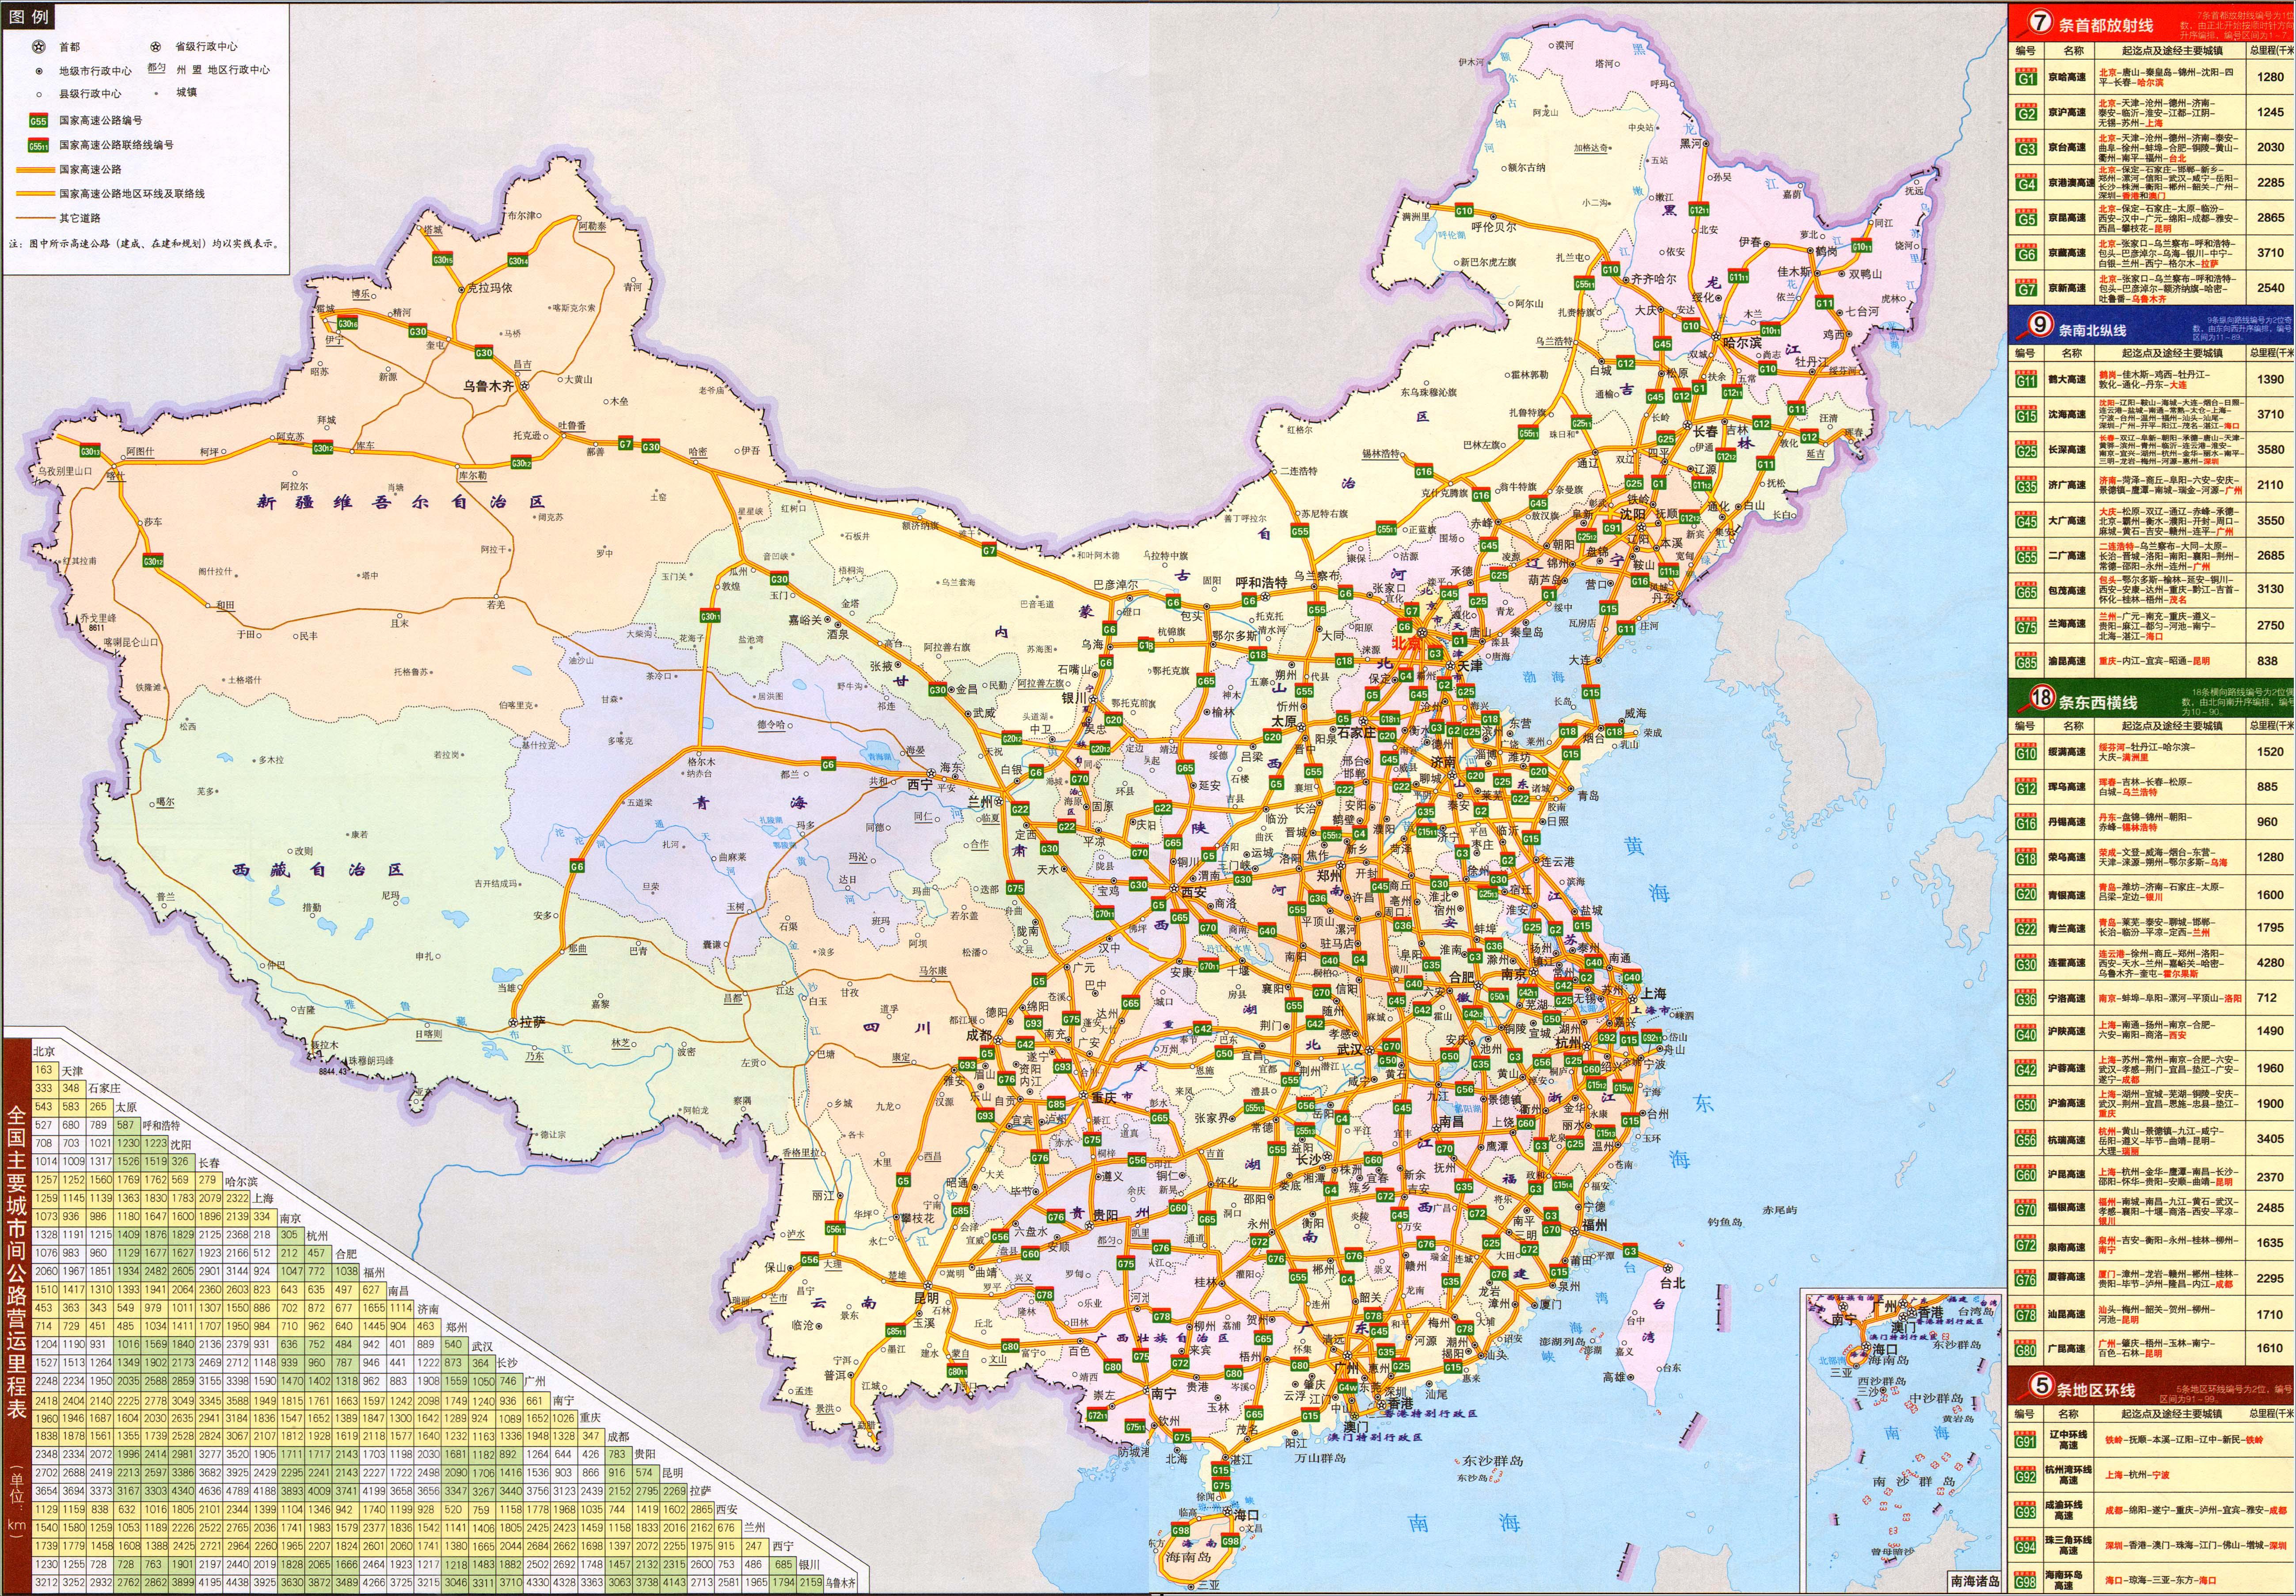 全国高速公路地图